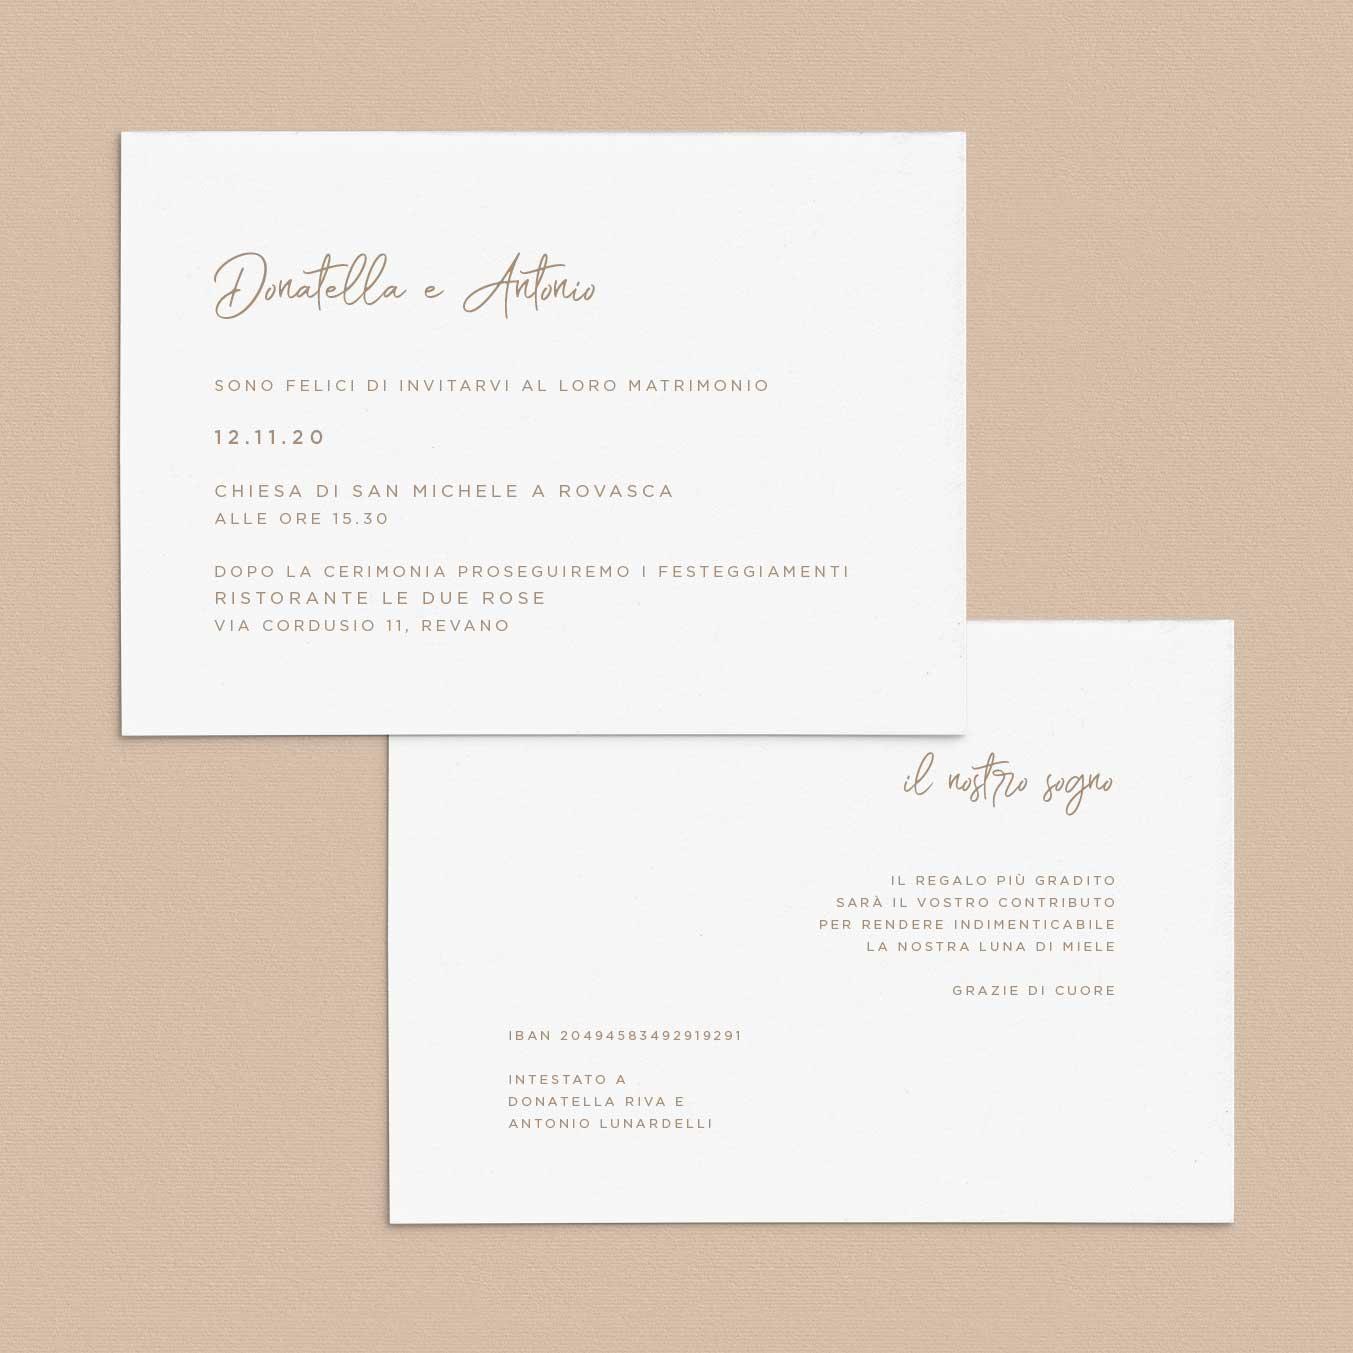 Inviti-nozze-matrimonio-2020-online-moderne-eleganti-semplice-idea-esempio-modelli